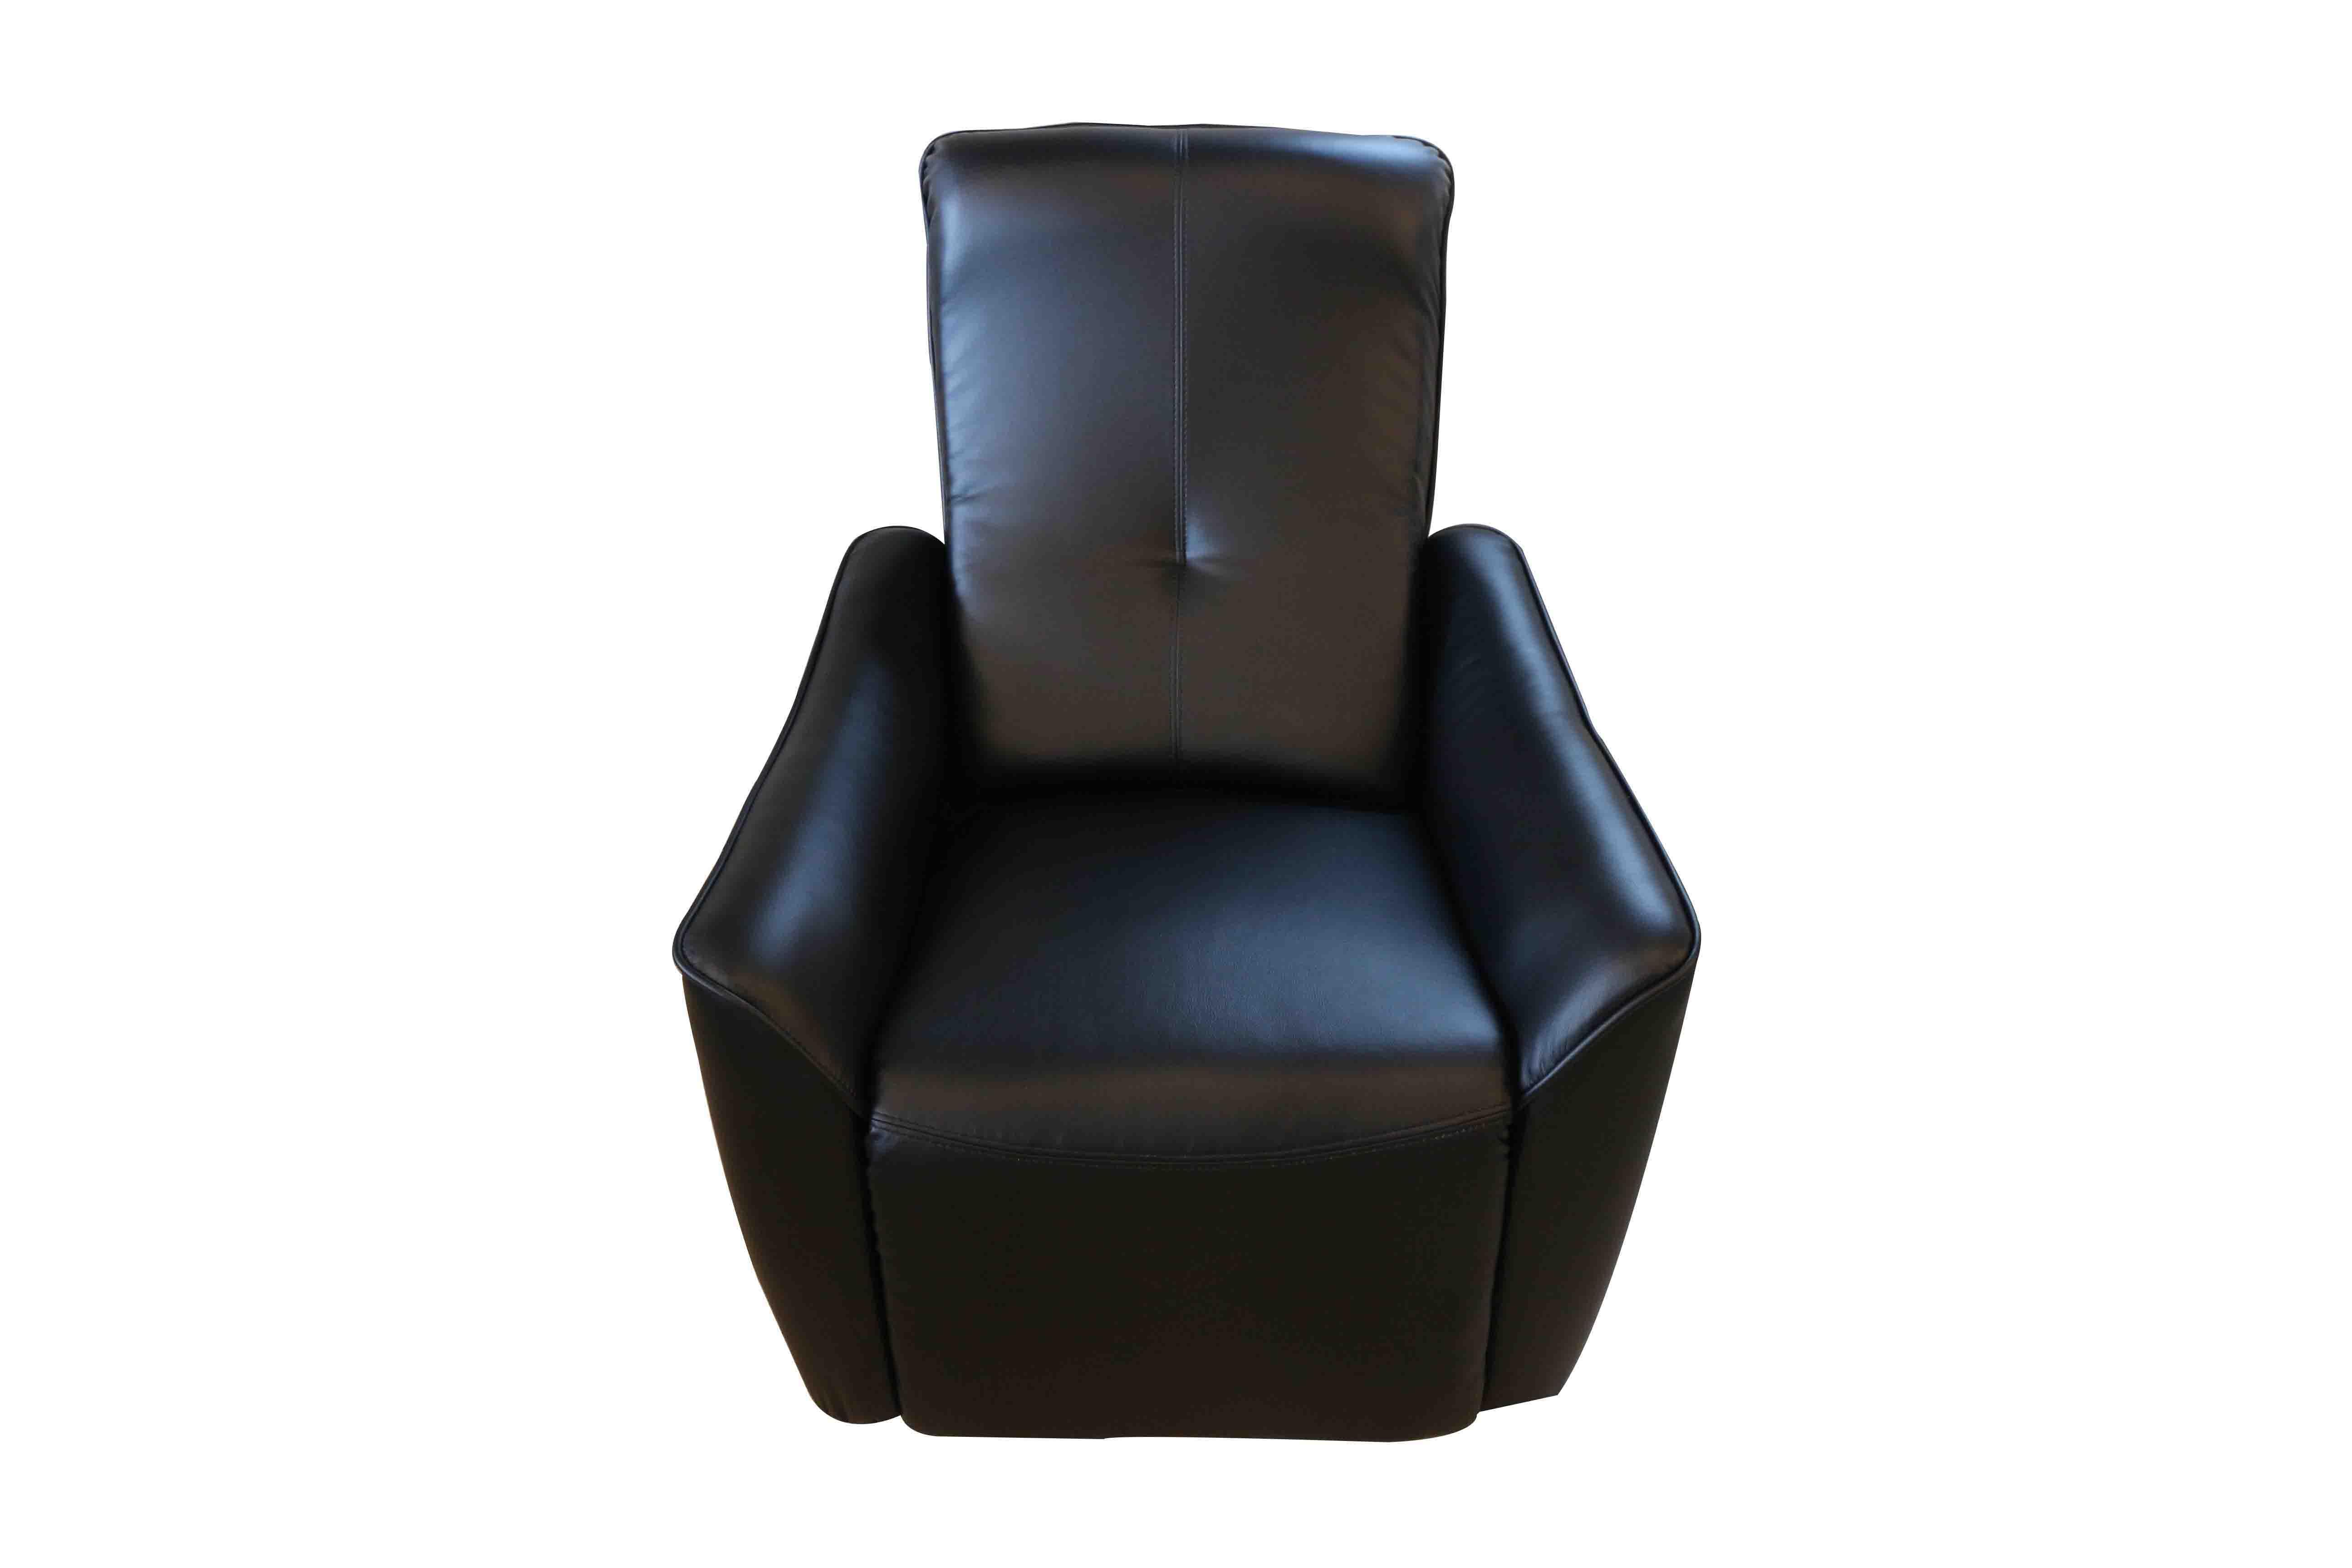 【尚品傢俱】451-06 夢想家-單人觸碰式電動沙發椅/休憩沙發/休閒沙發/多功能沙發/